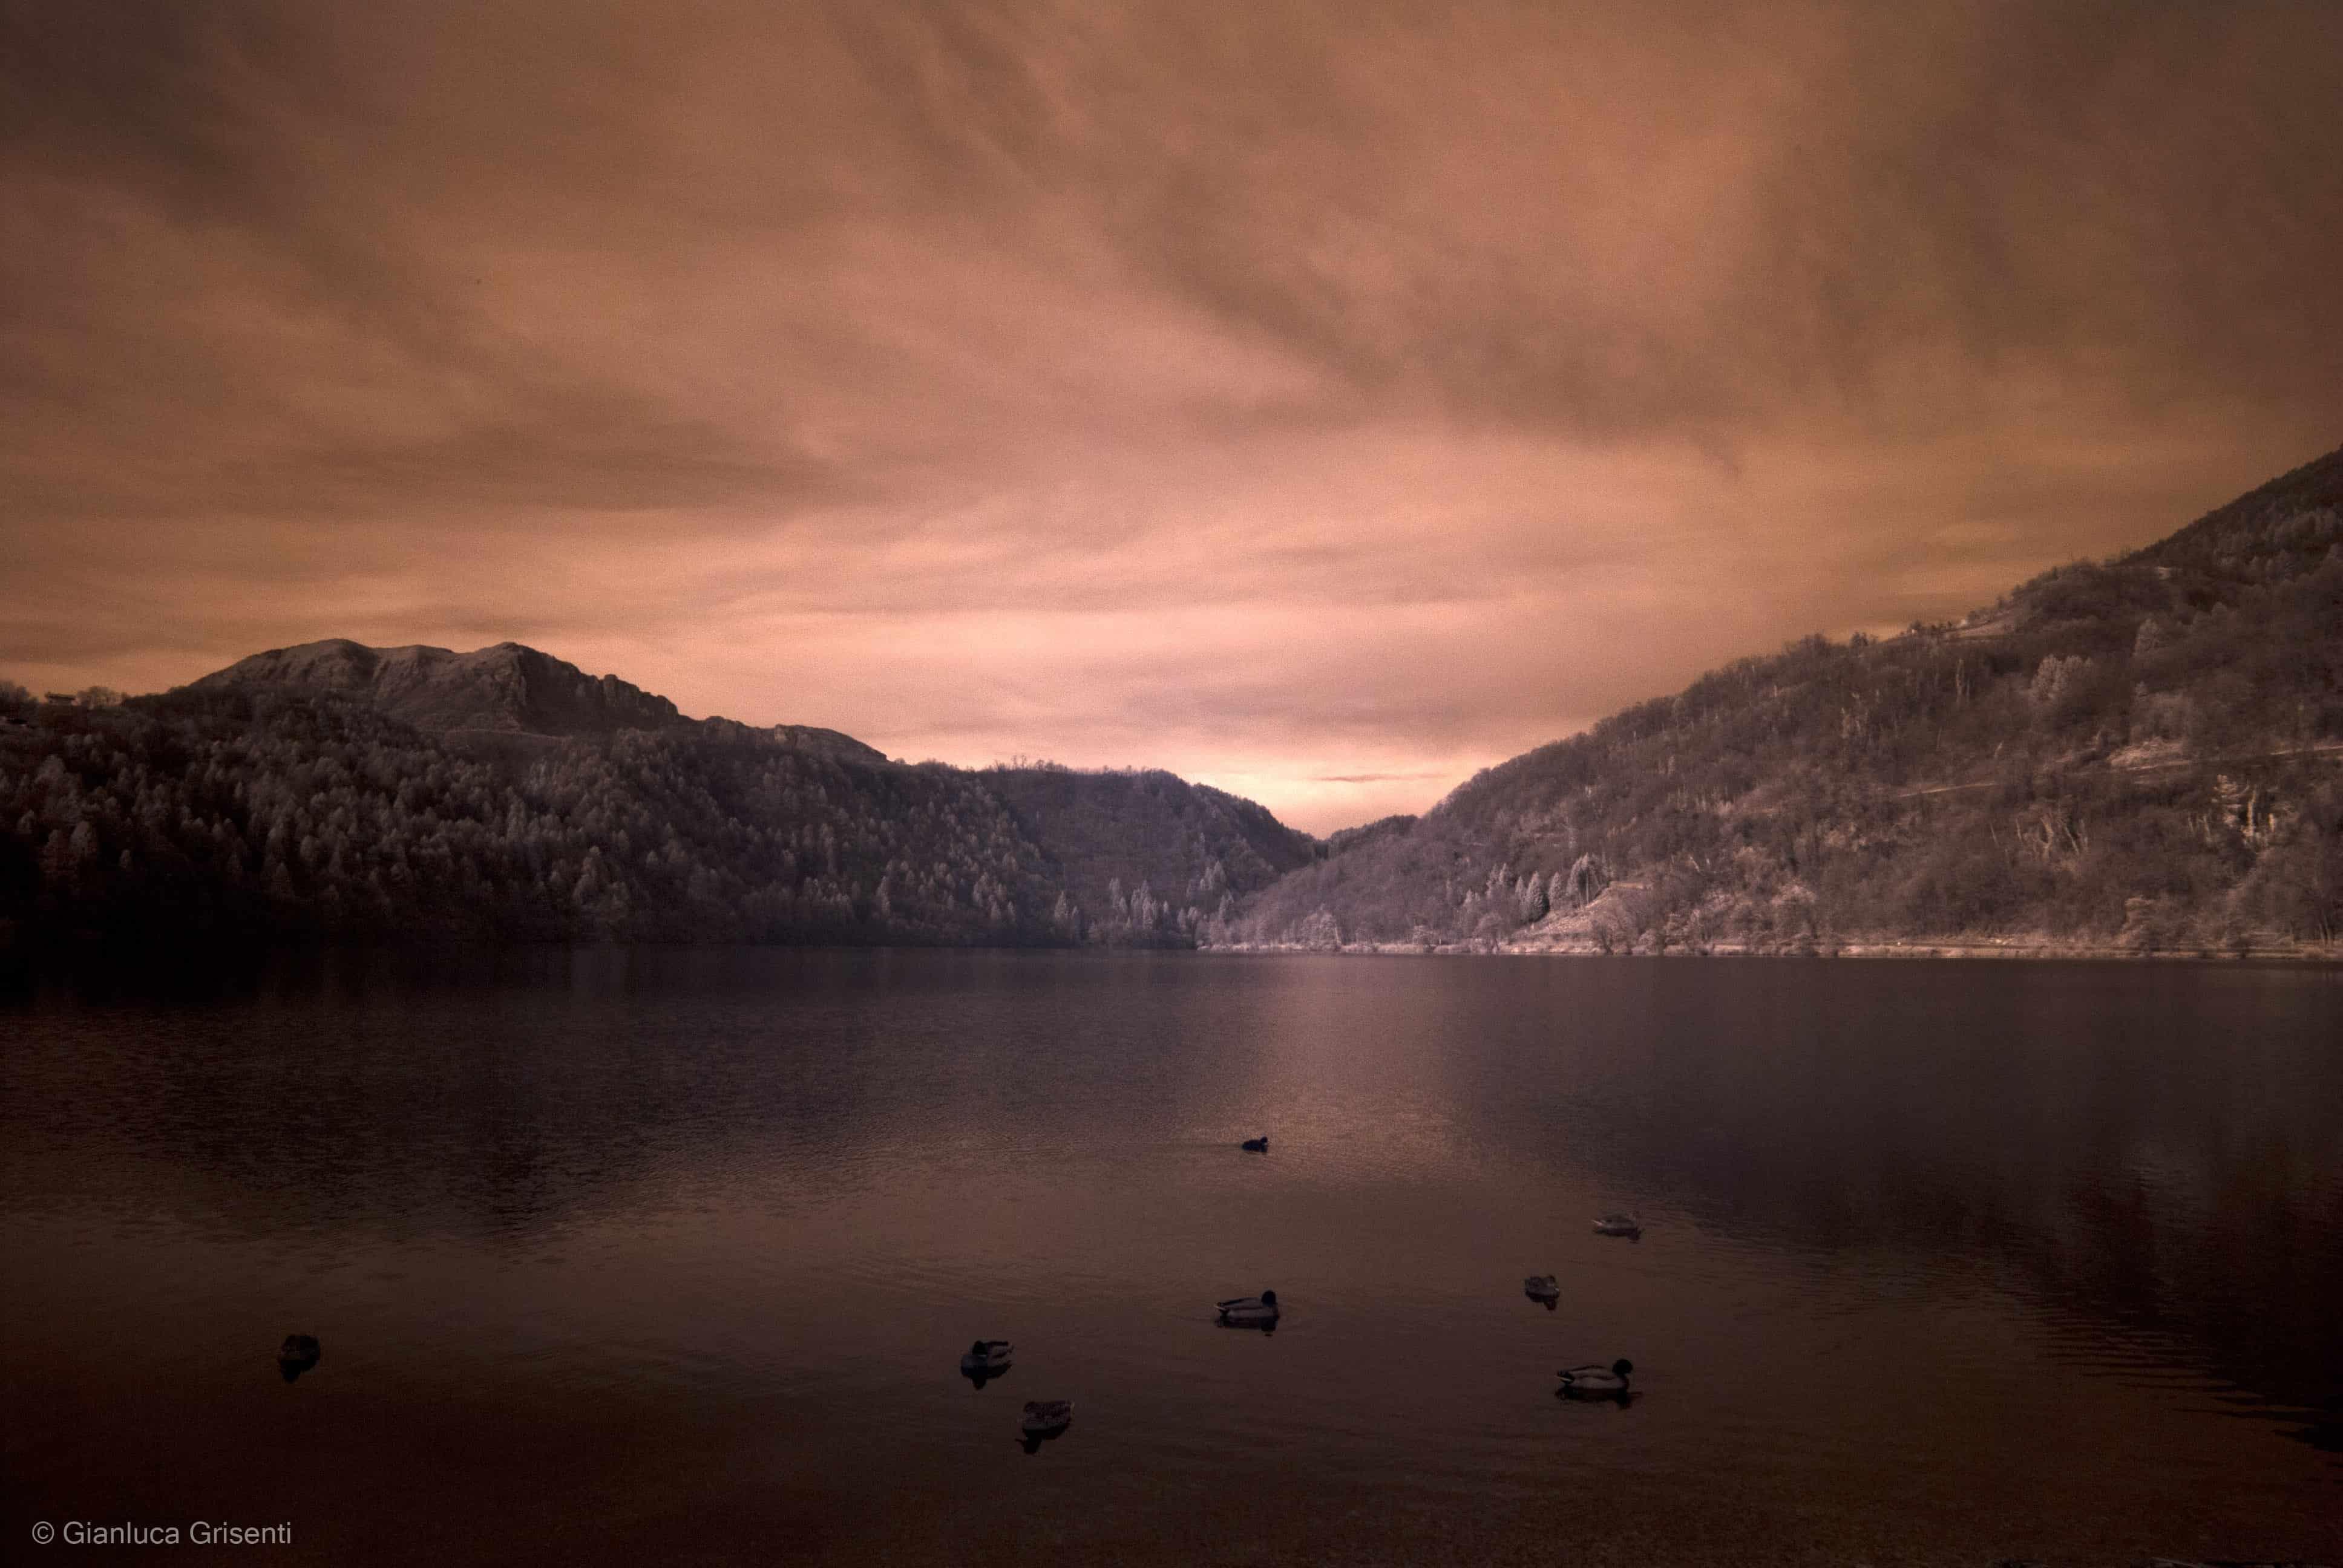 reflex-mania, fotografia infrarosso